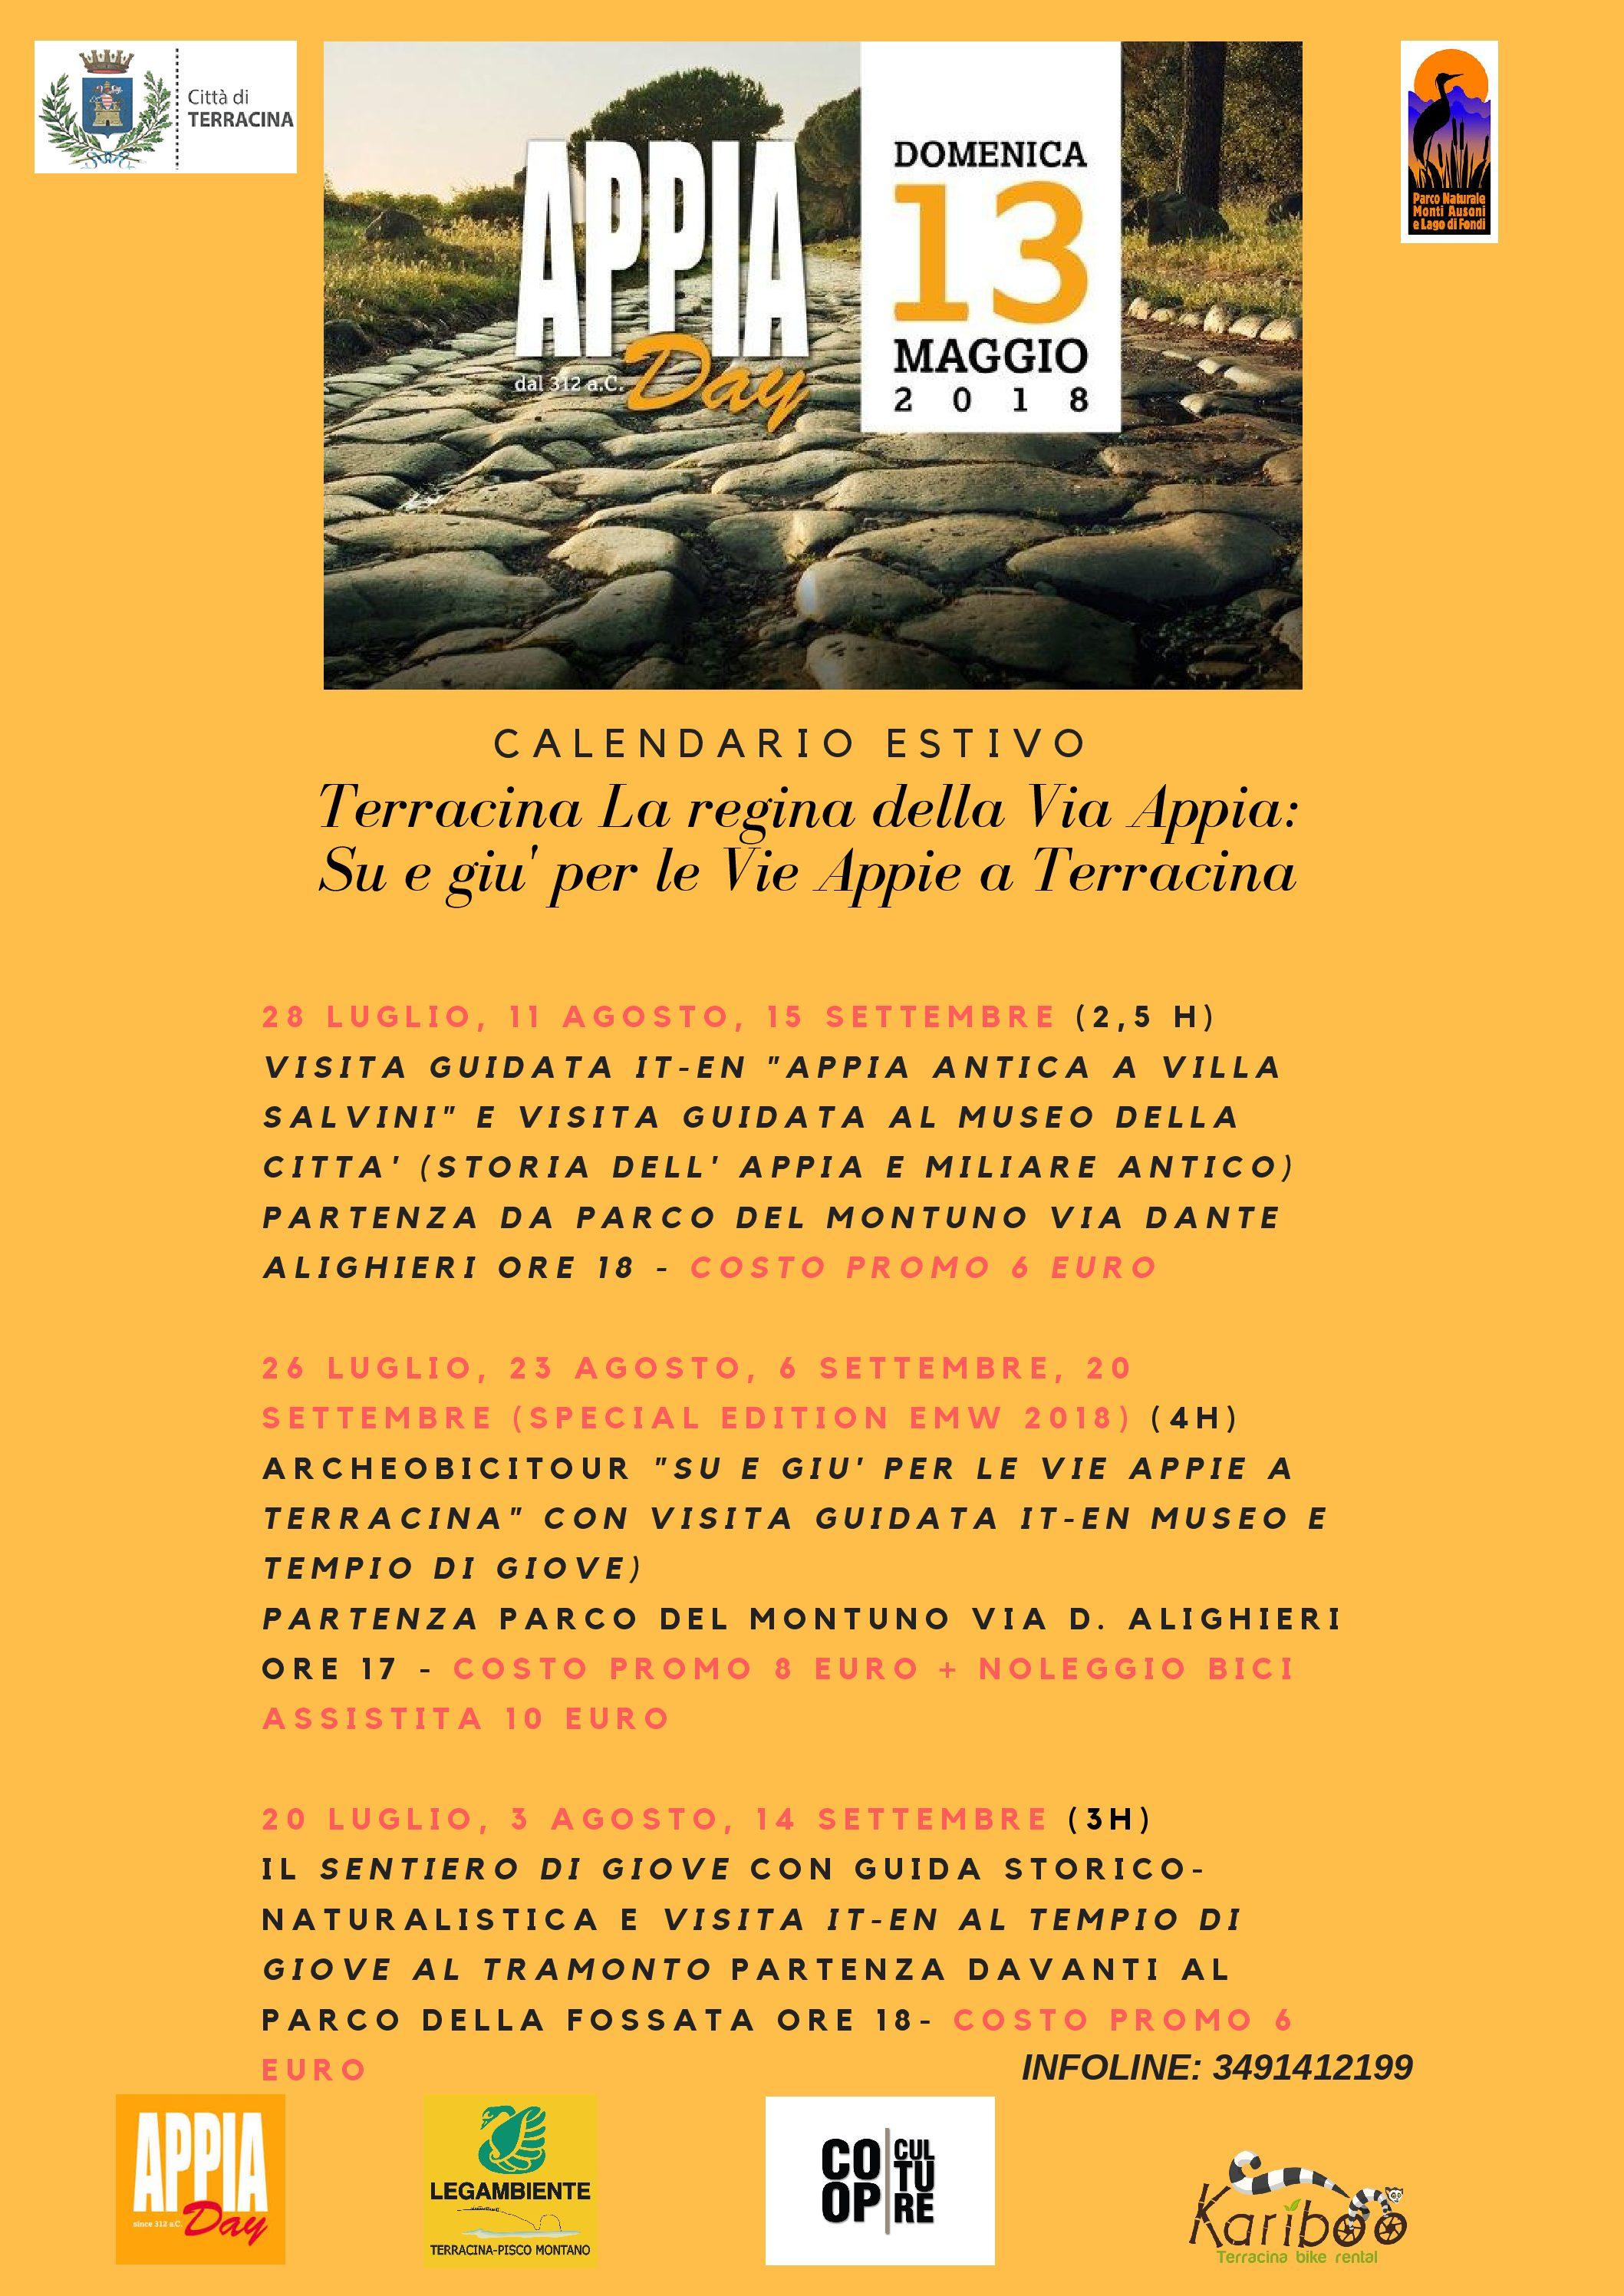 """Terracina. Promozione marchio """"Appia Day"""":gli eventi in programma"""